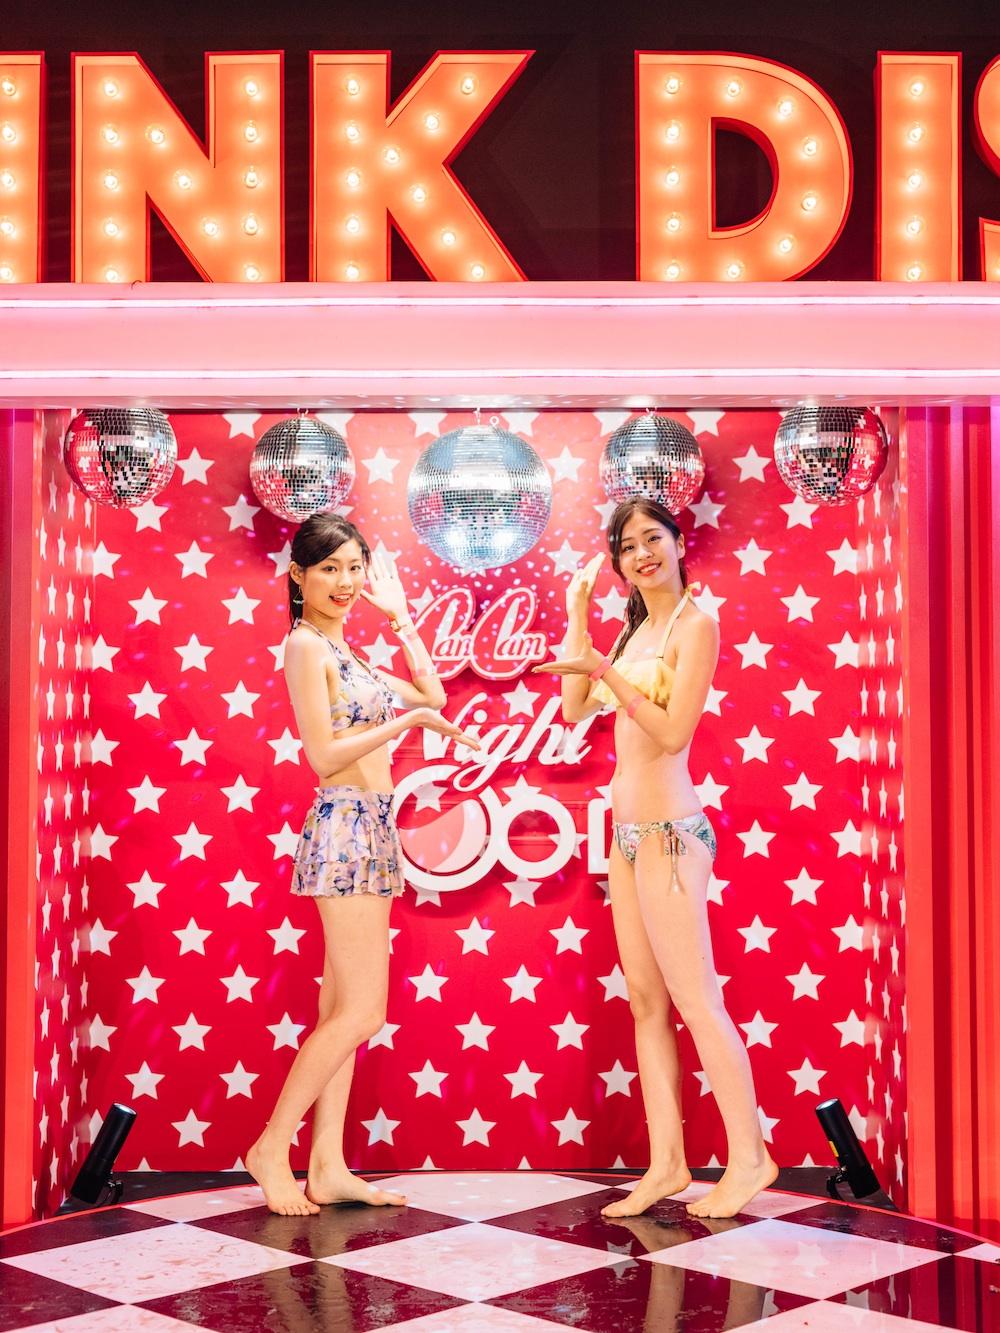 CanCamナイトプール」PINK DISCO(ピンクディスコ)(2018.07.05)